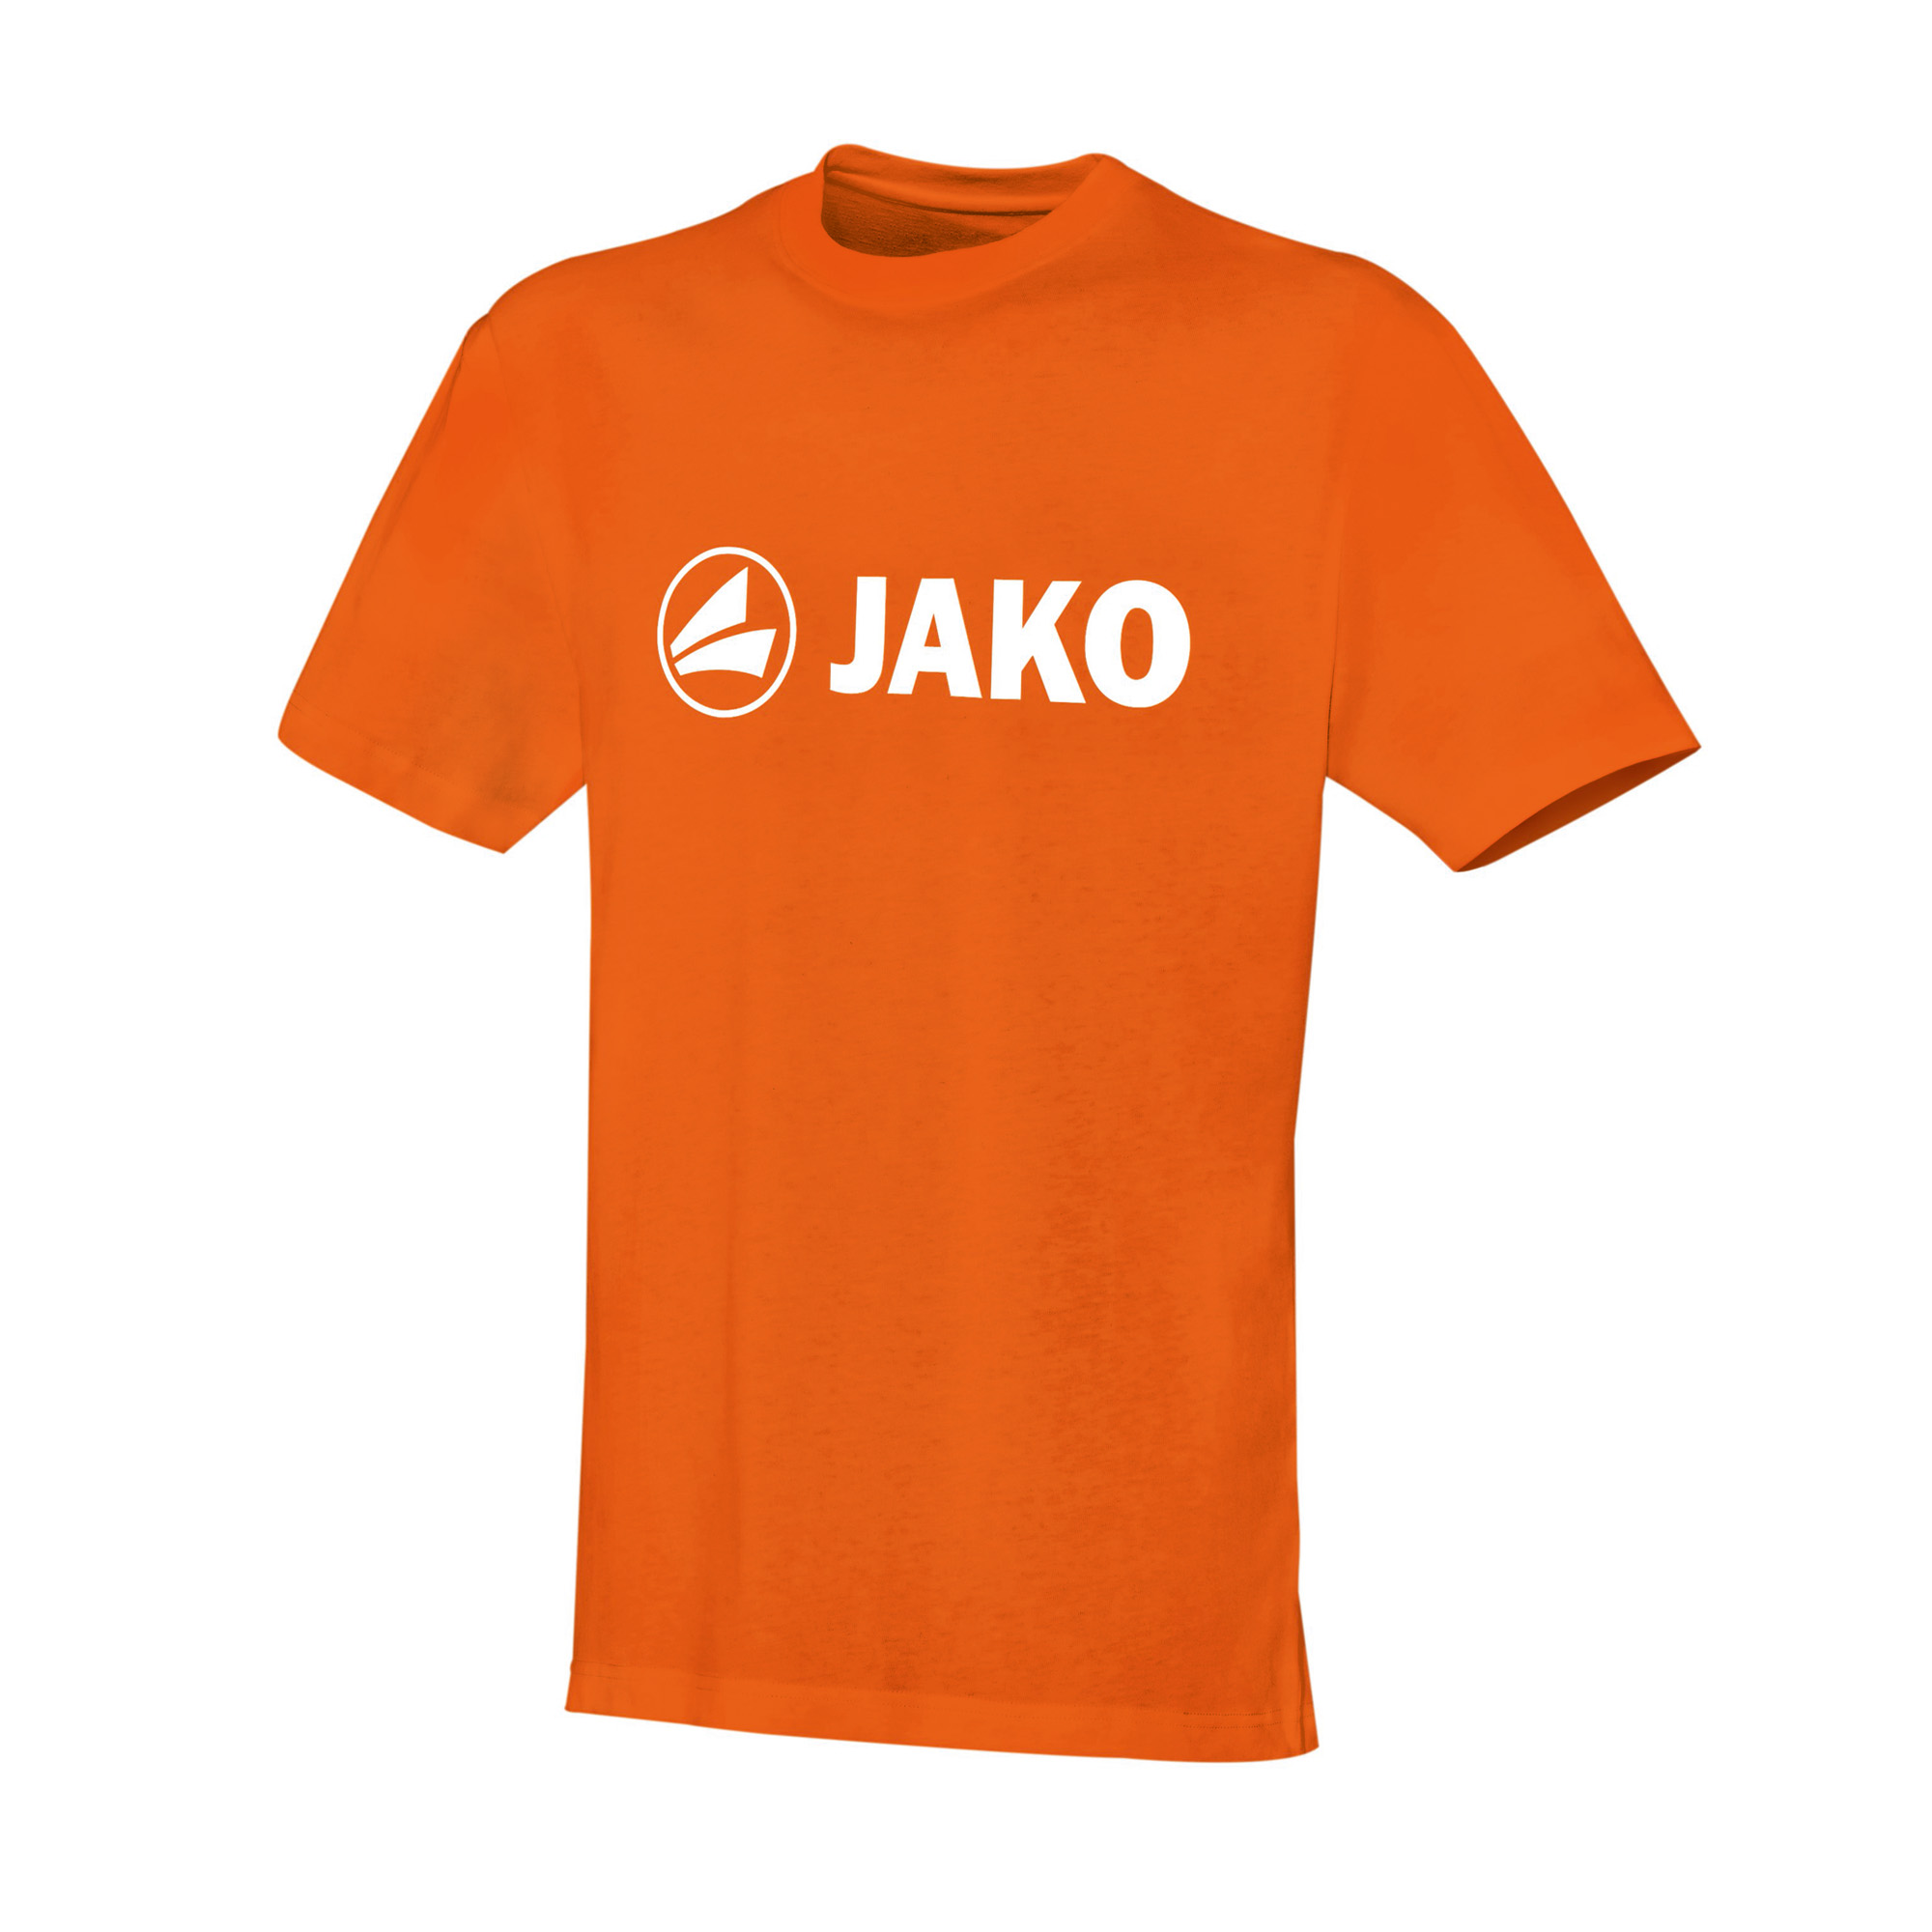 Jako Herren T-Shirt Promo 6163-19 L